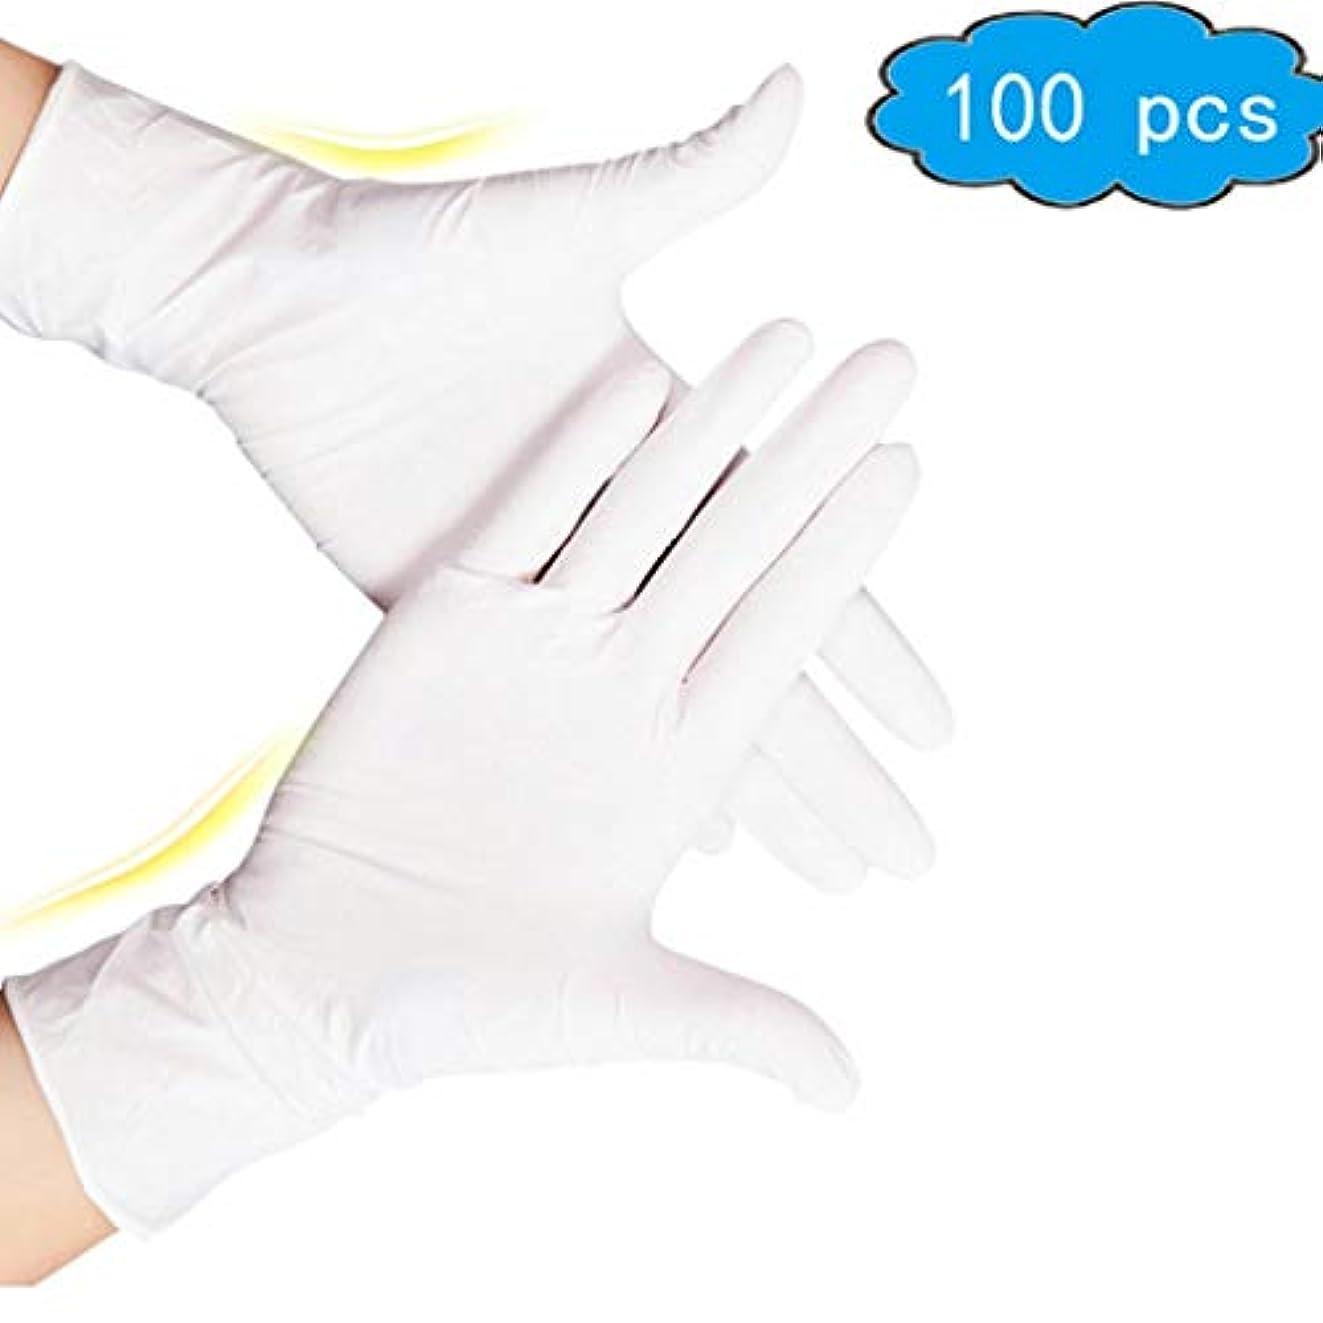 フィドル然としたまだホワイトニトリル使い捨て手袋 - 質感、検査、パウダーフリー、極厚5ミル、極太12